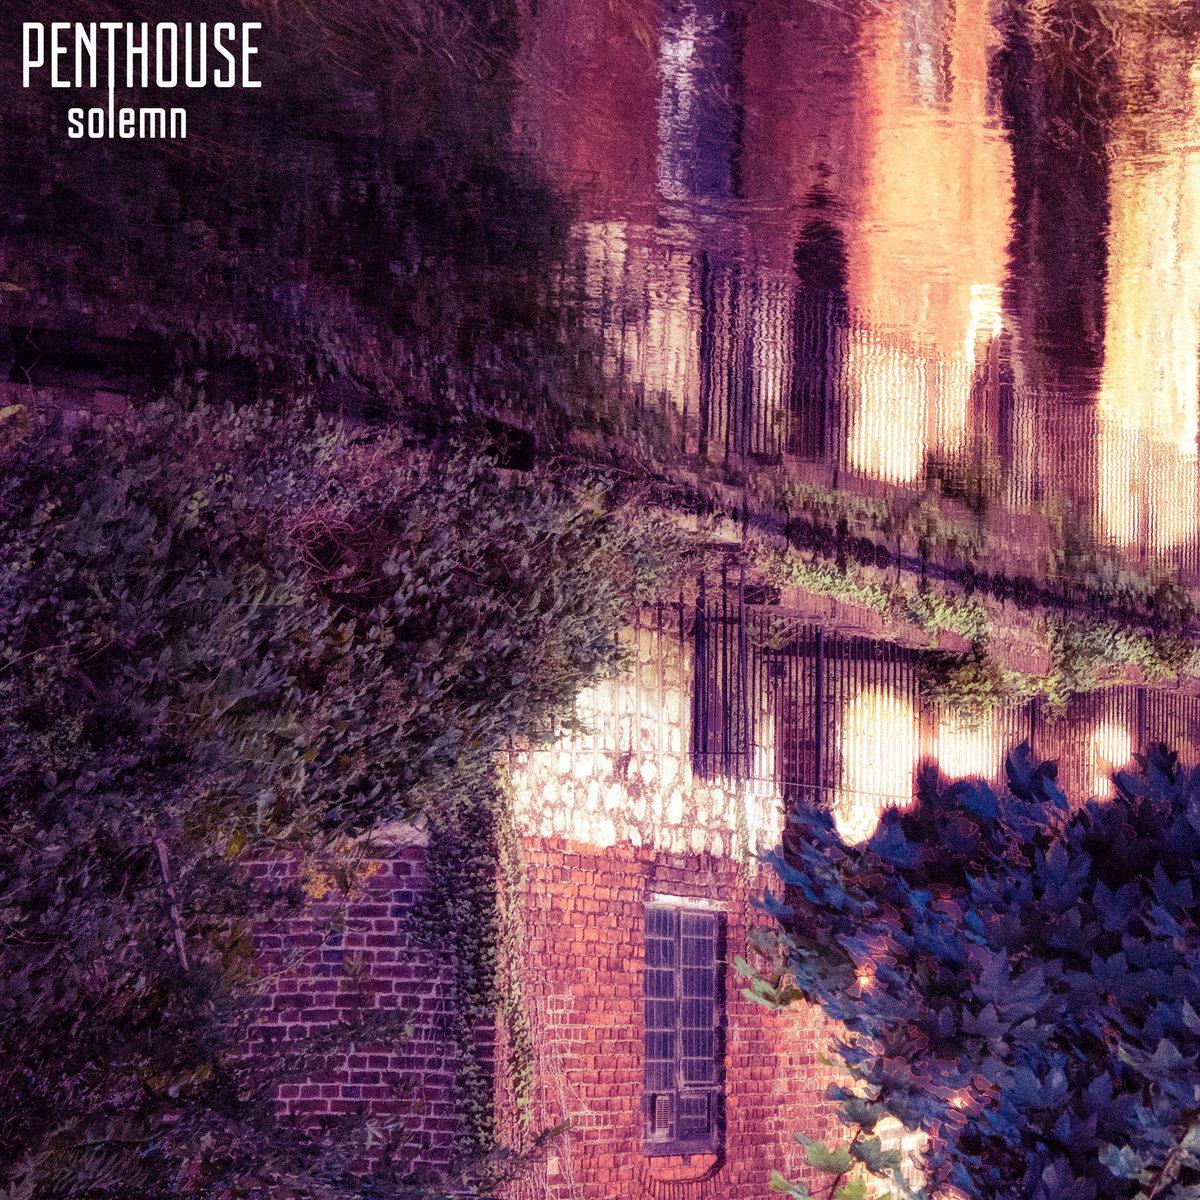 Penthouse - Solemn